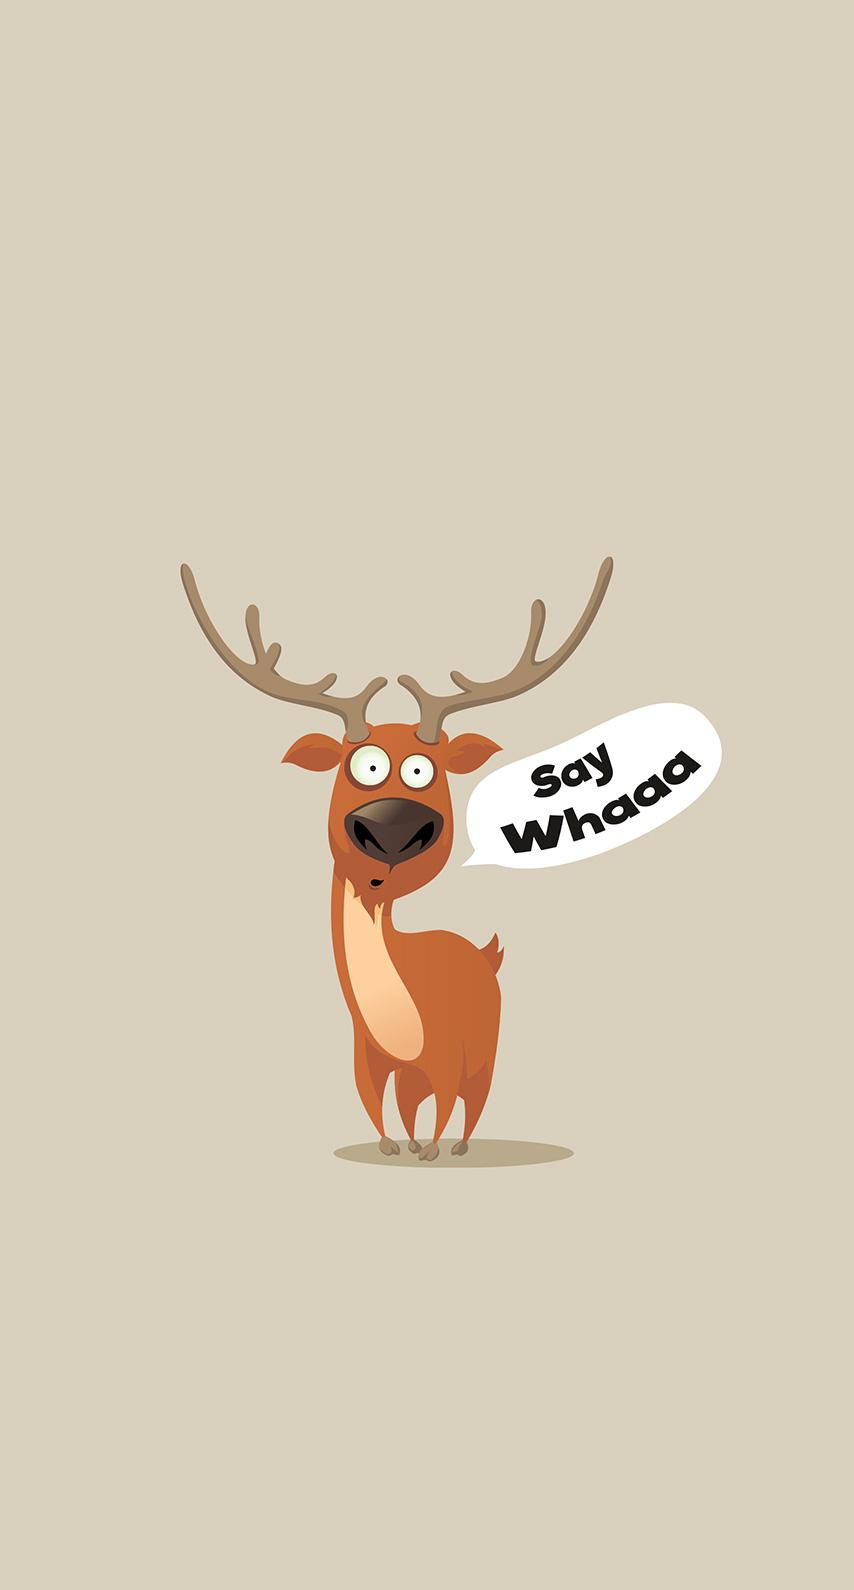 deer, quote